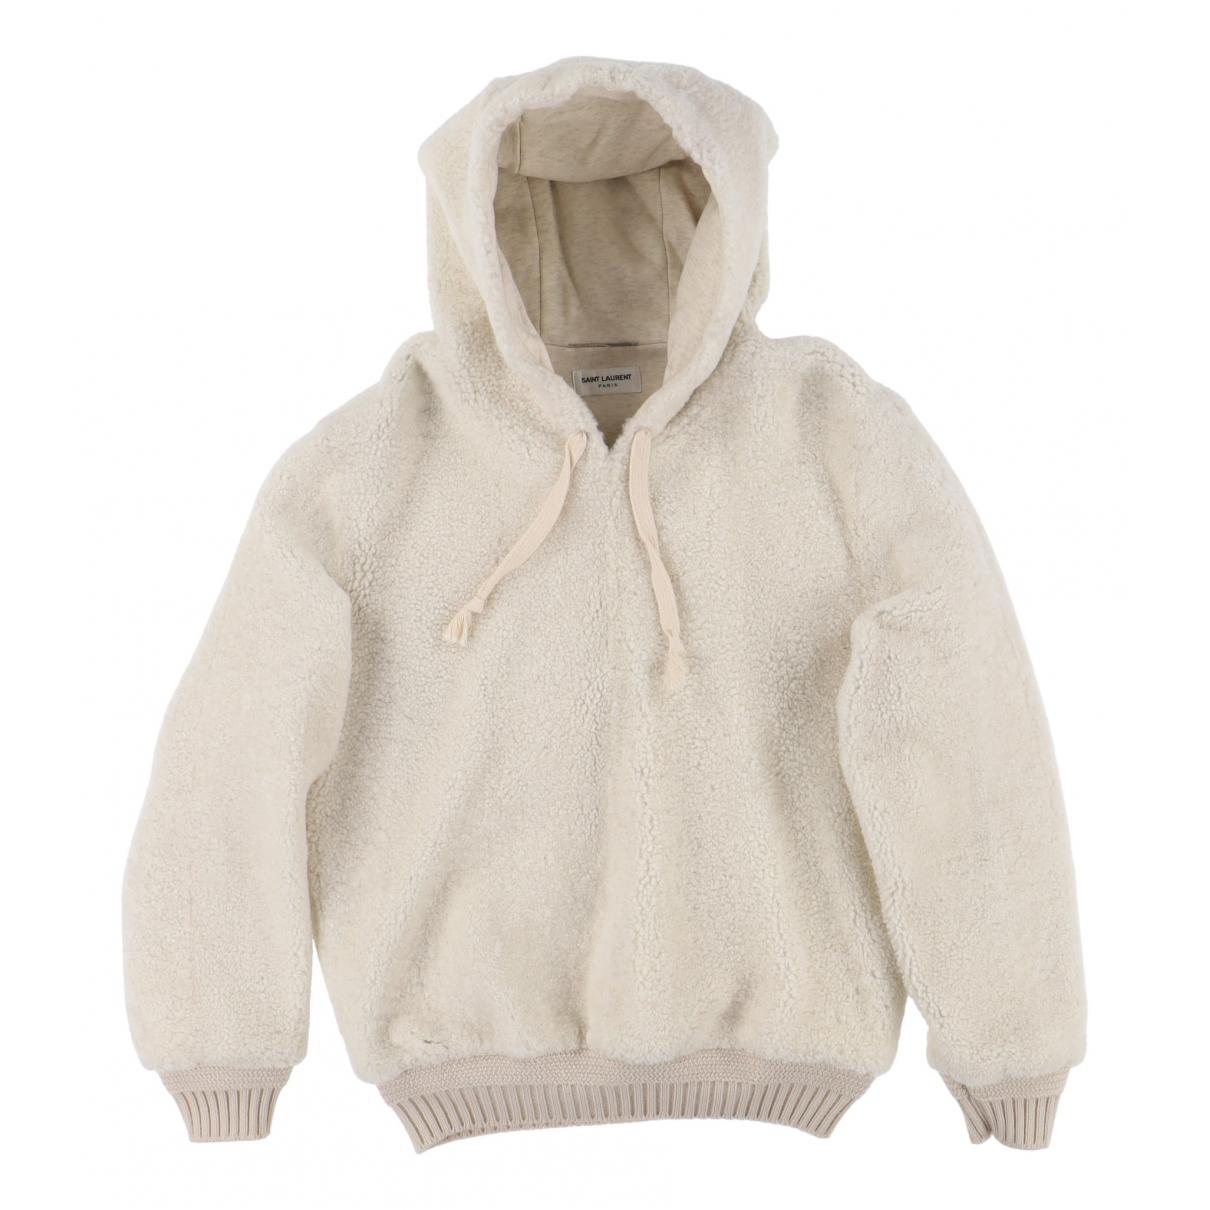 Saint Laurent - Pulls.Gilets.Sweats   pour homme en mouton - beige